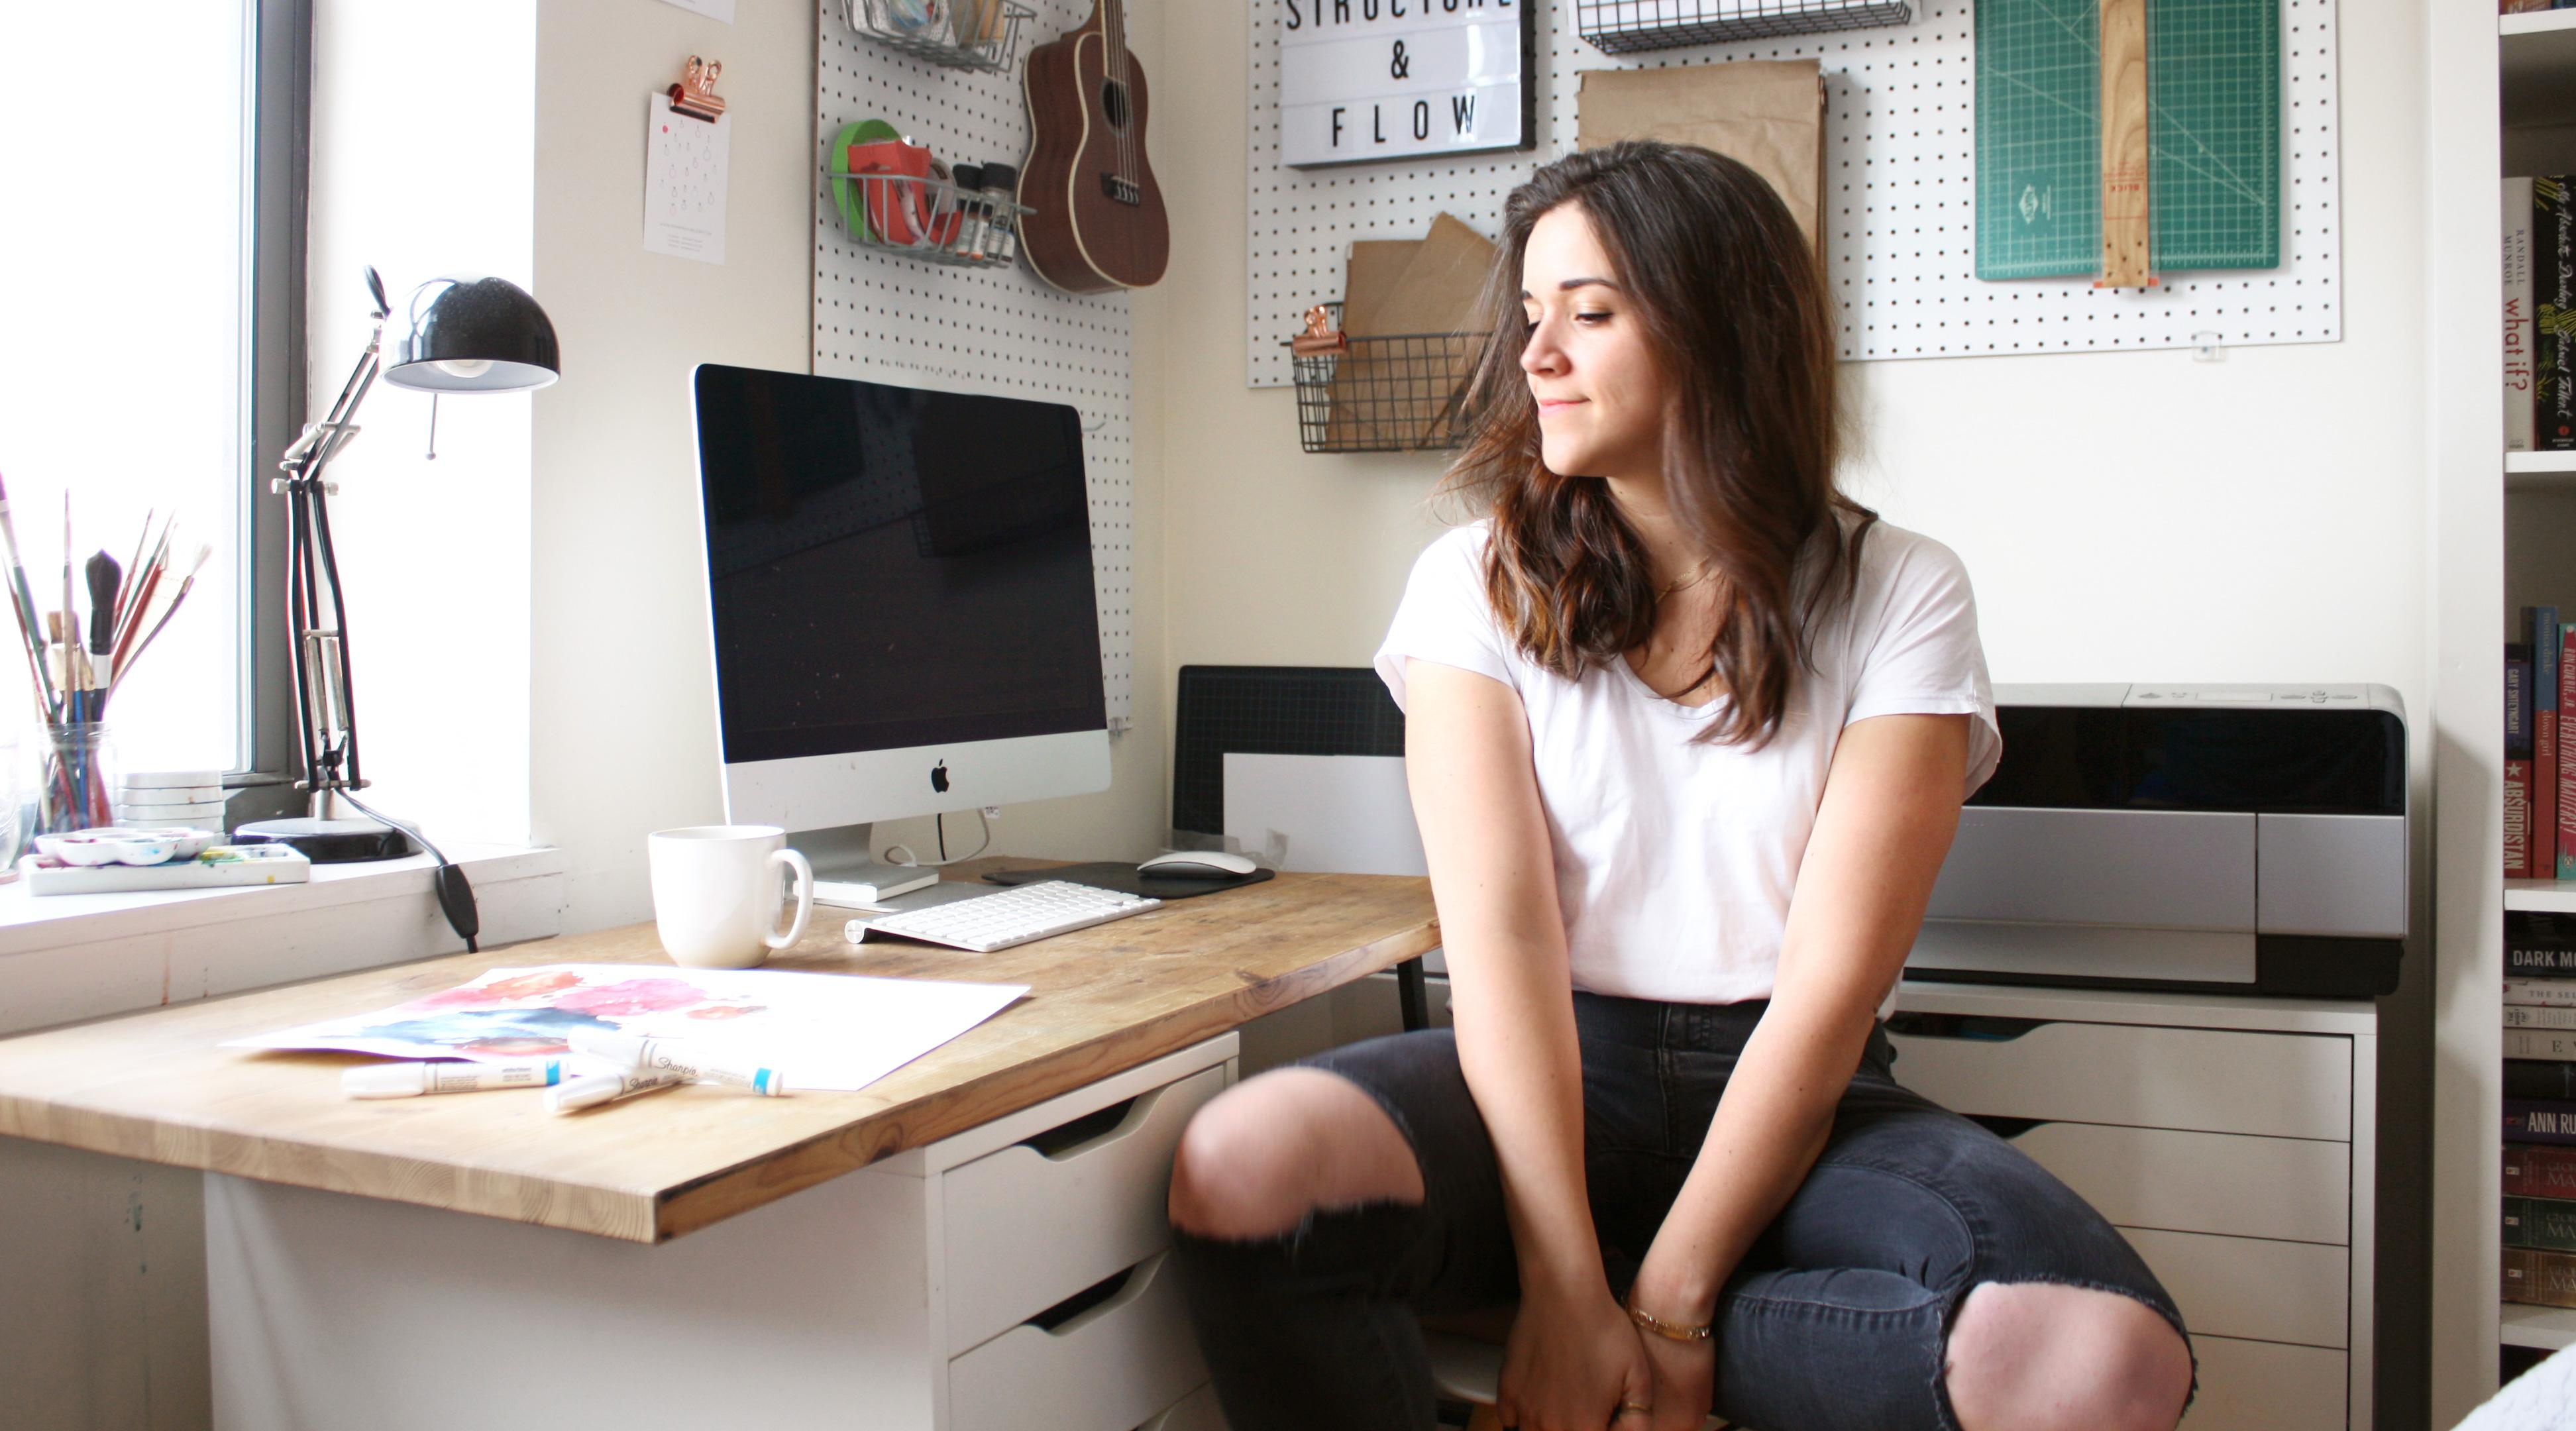 Amanda Michele Art at her workspace in Gowanus, Brooklyn